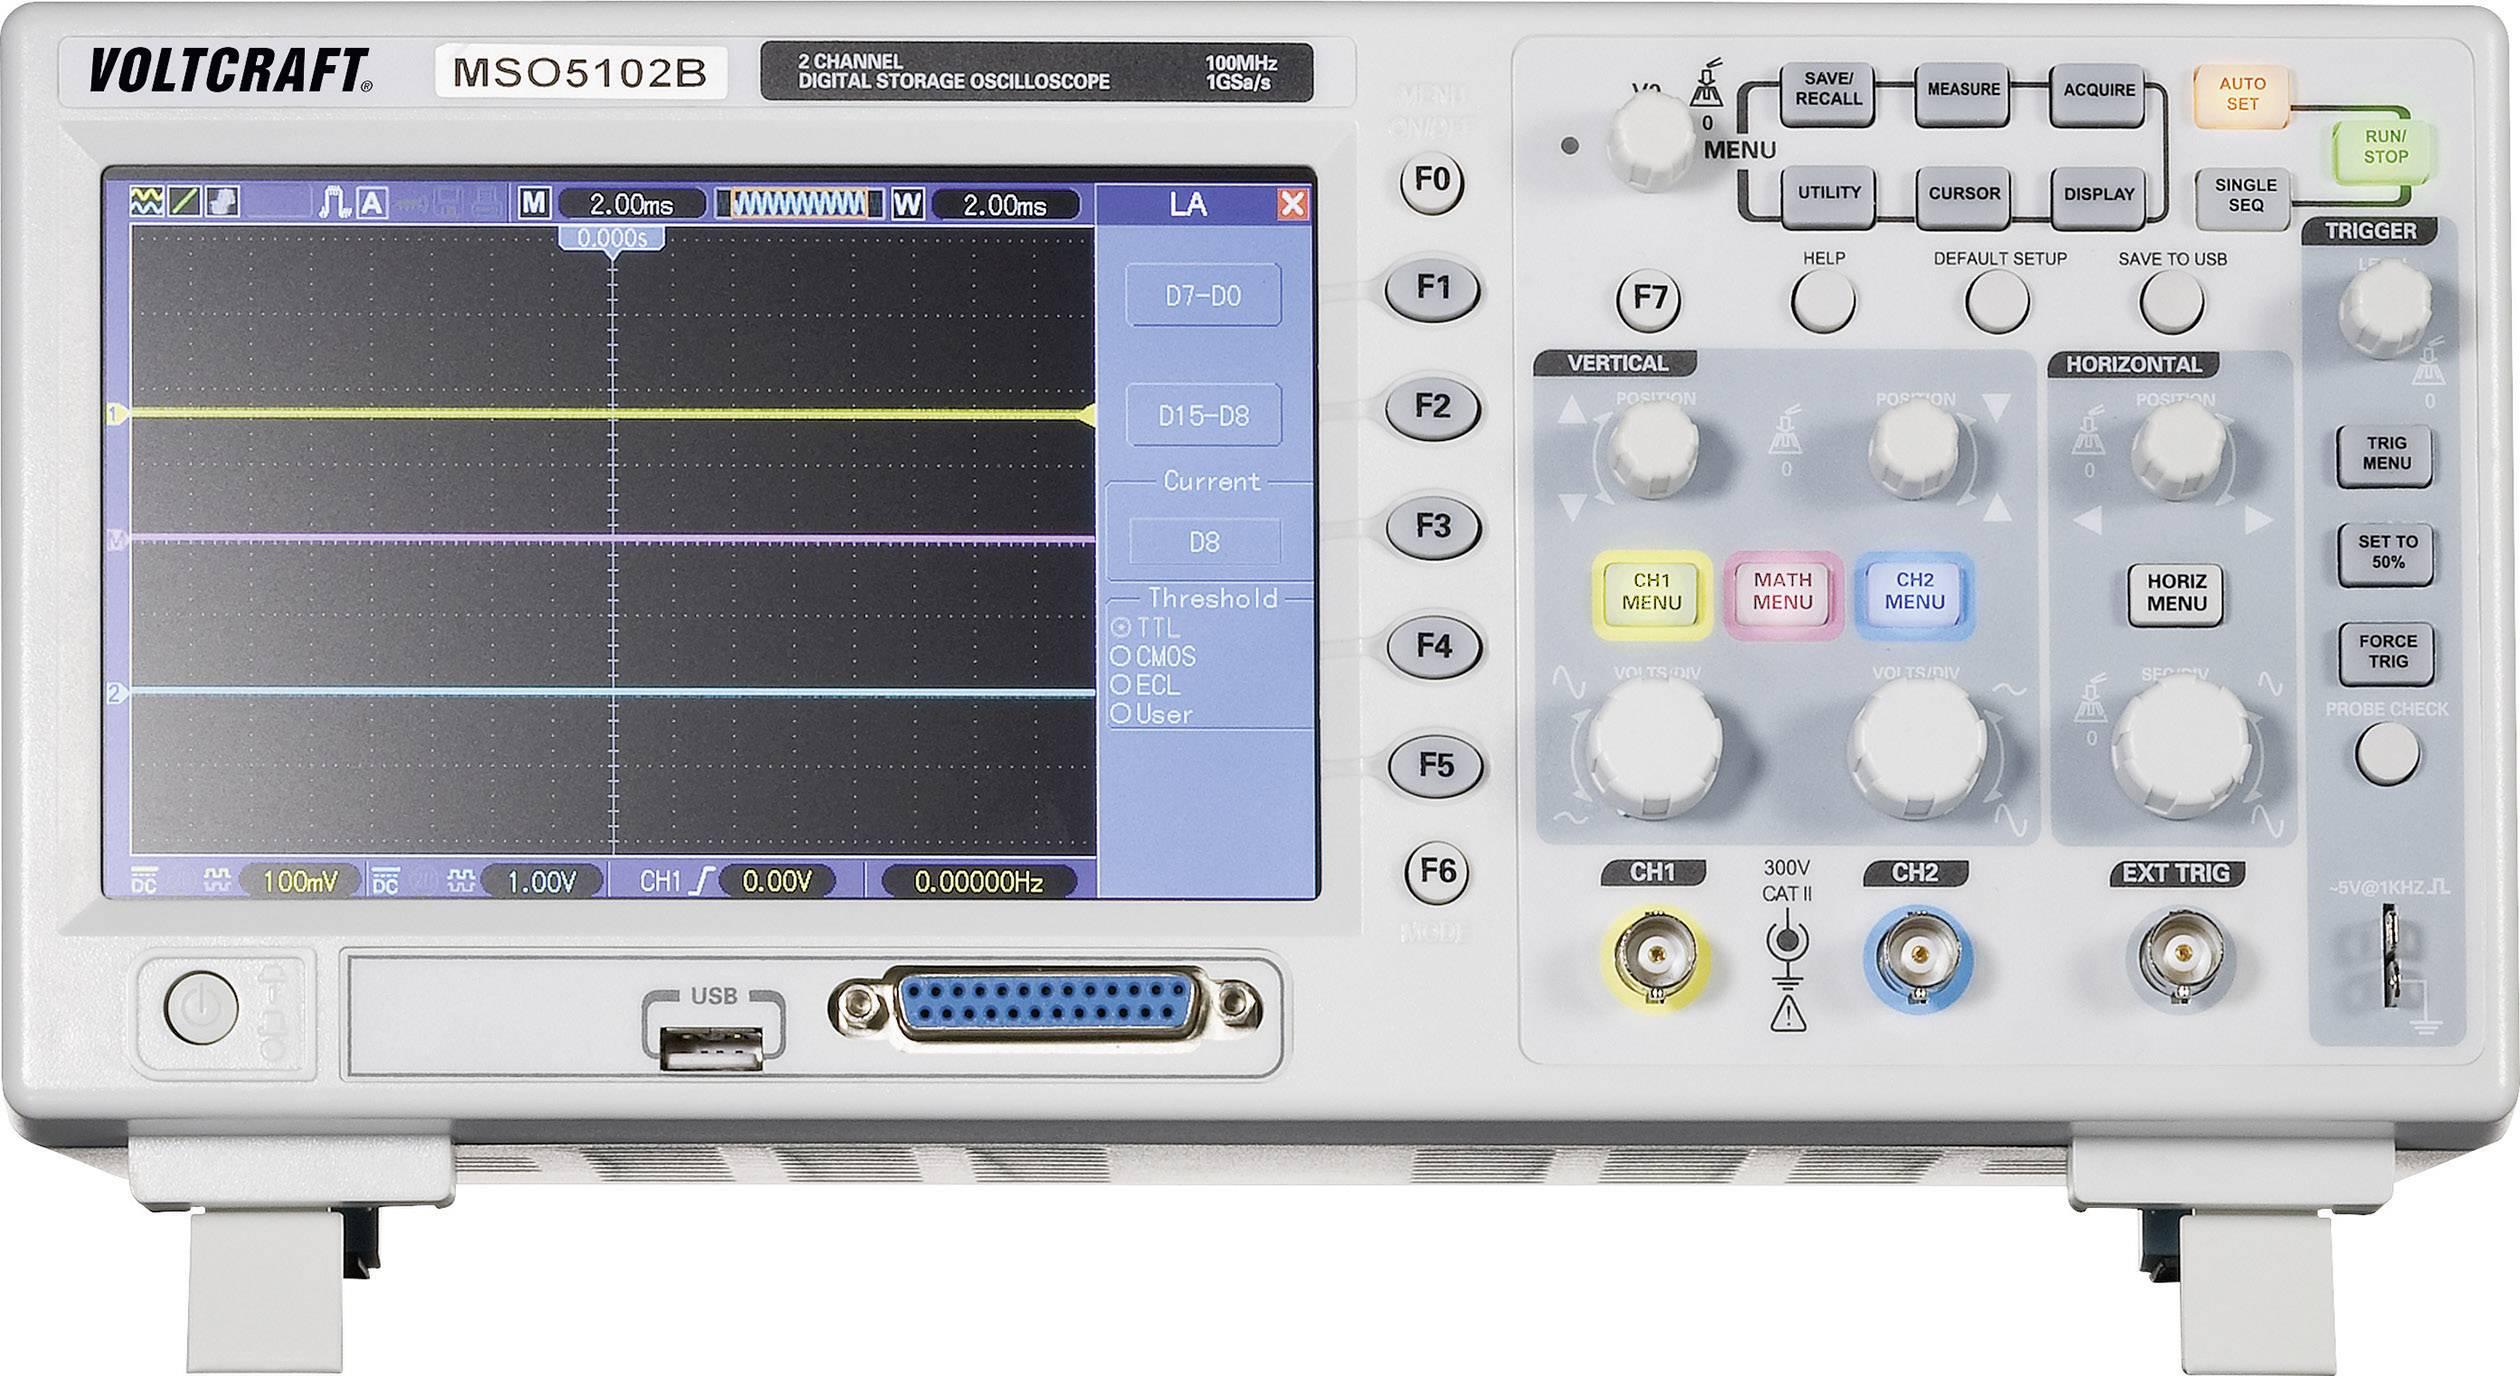 Digitálny osciloskop s pamäťou Voltcraft MSO-5102B, 2/16-kanálový, 100 MHz